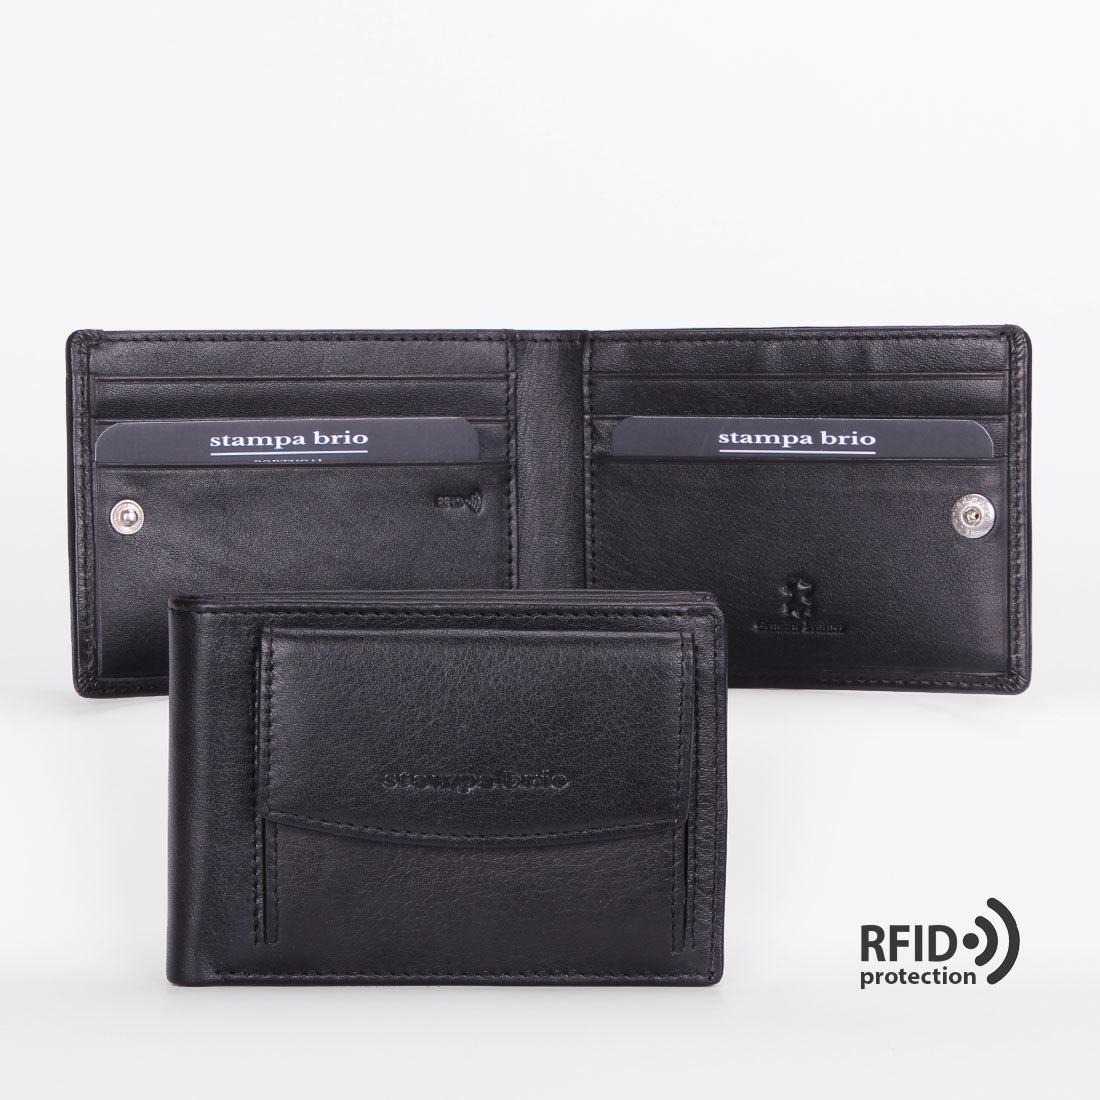 674 R - Портмоне компактное с монетником снаружи и RFID защитой